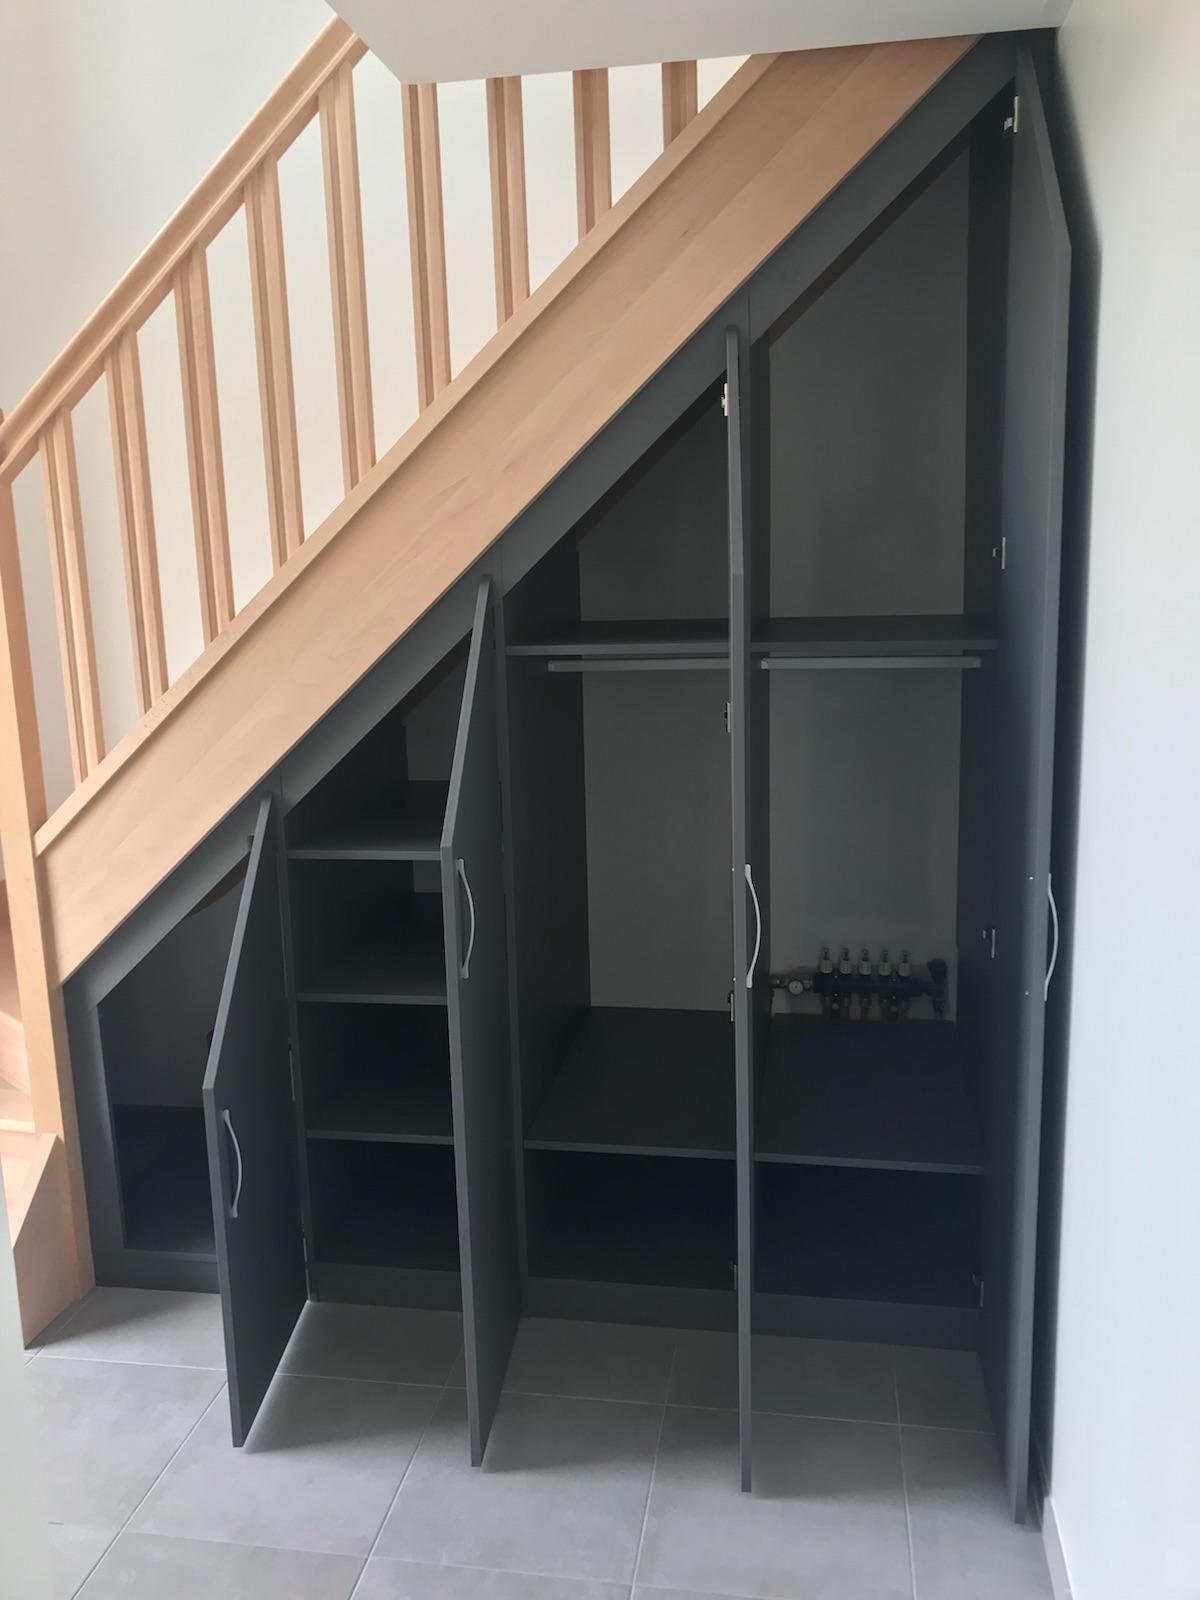 Rangement Sous Escalier A Montmain 76520 Cuisine Home Concept